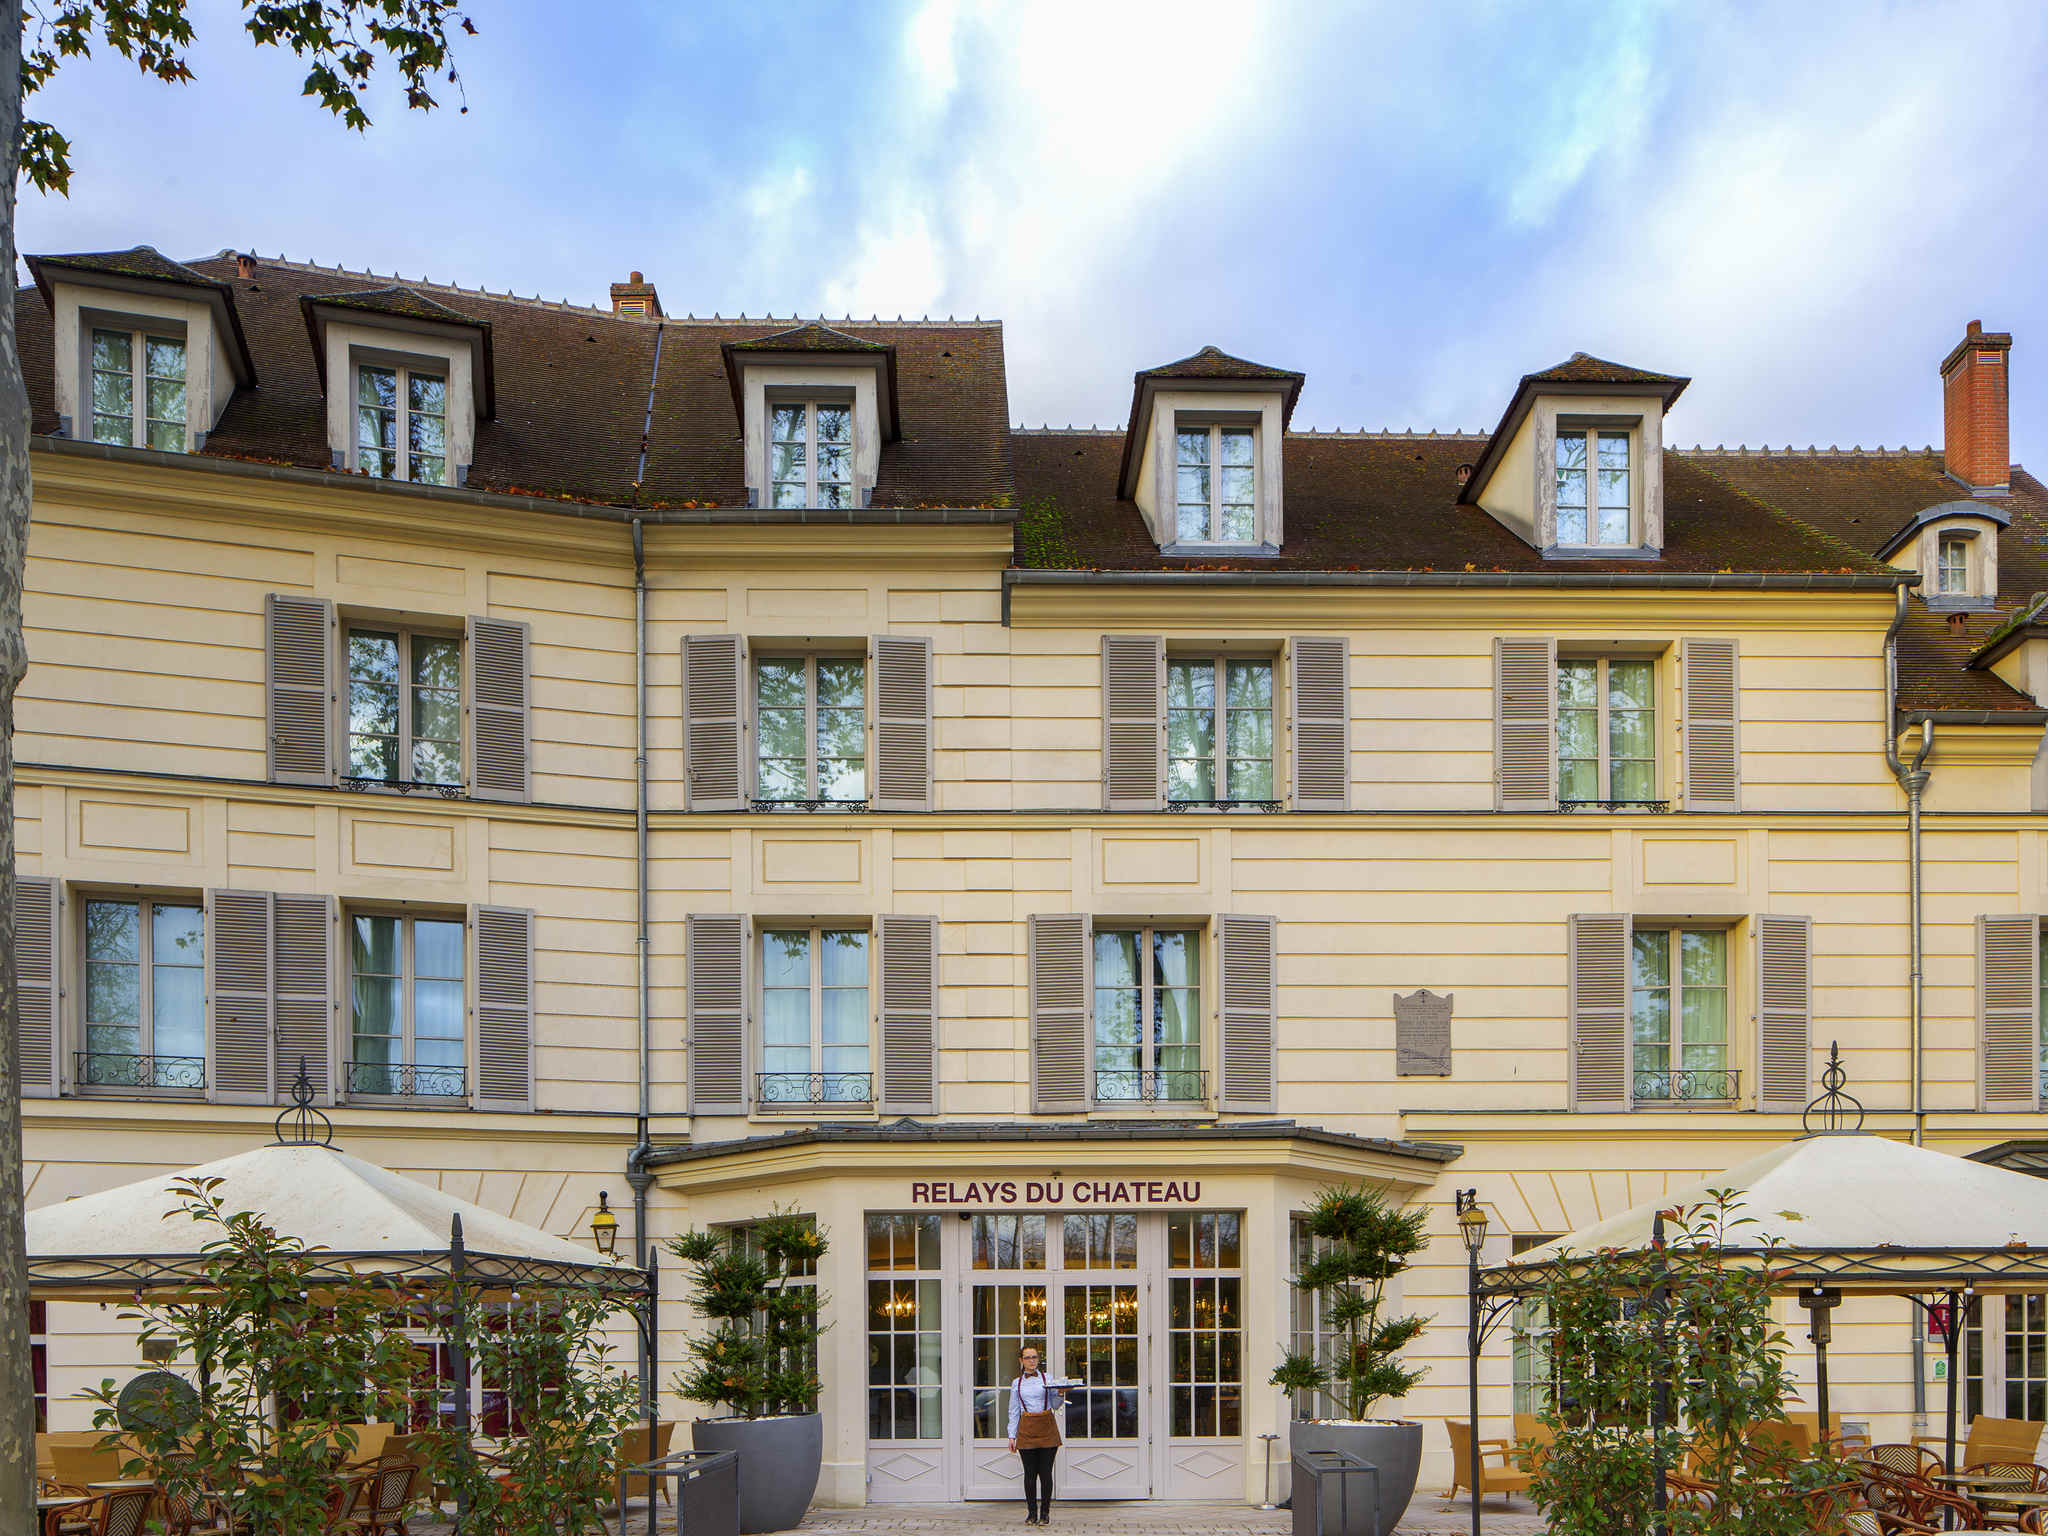 Hotel – Hôtel Mercure Rambouillet Relays du Château